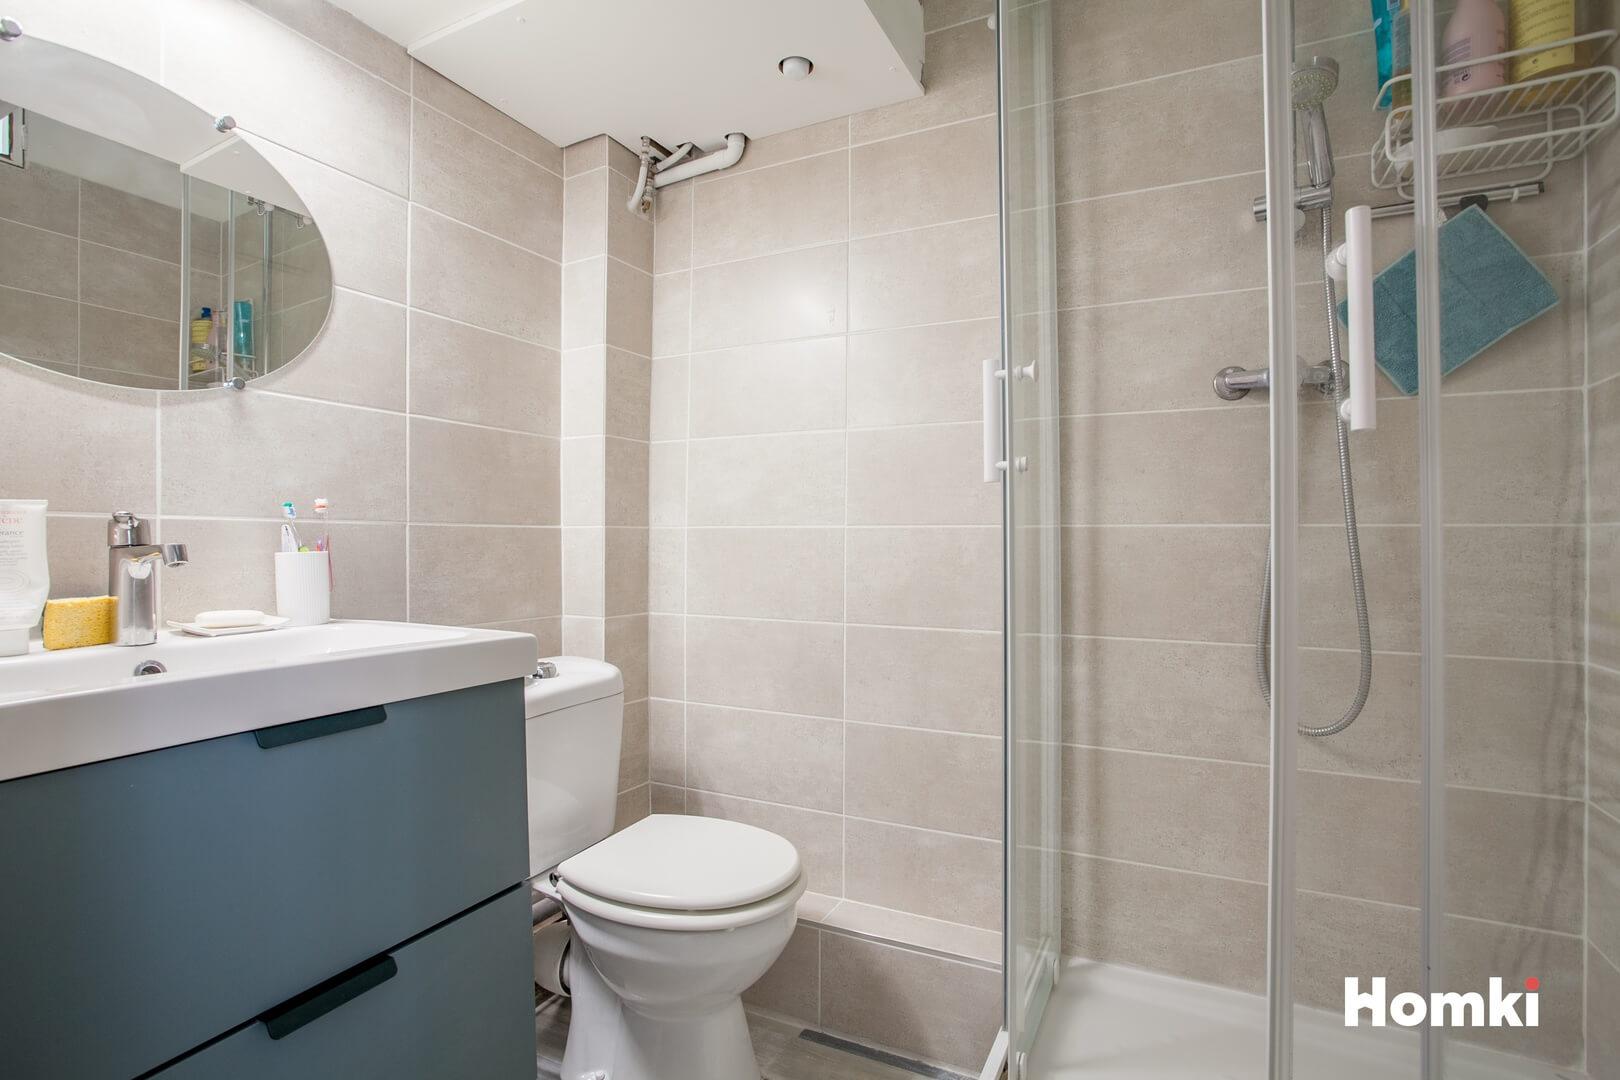 Homki - Vente Appartement  de 34.0 m² à Marseille 13005